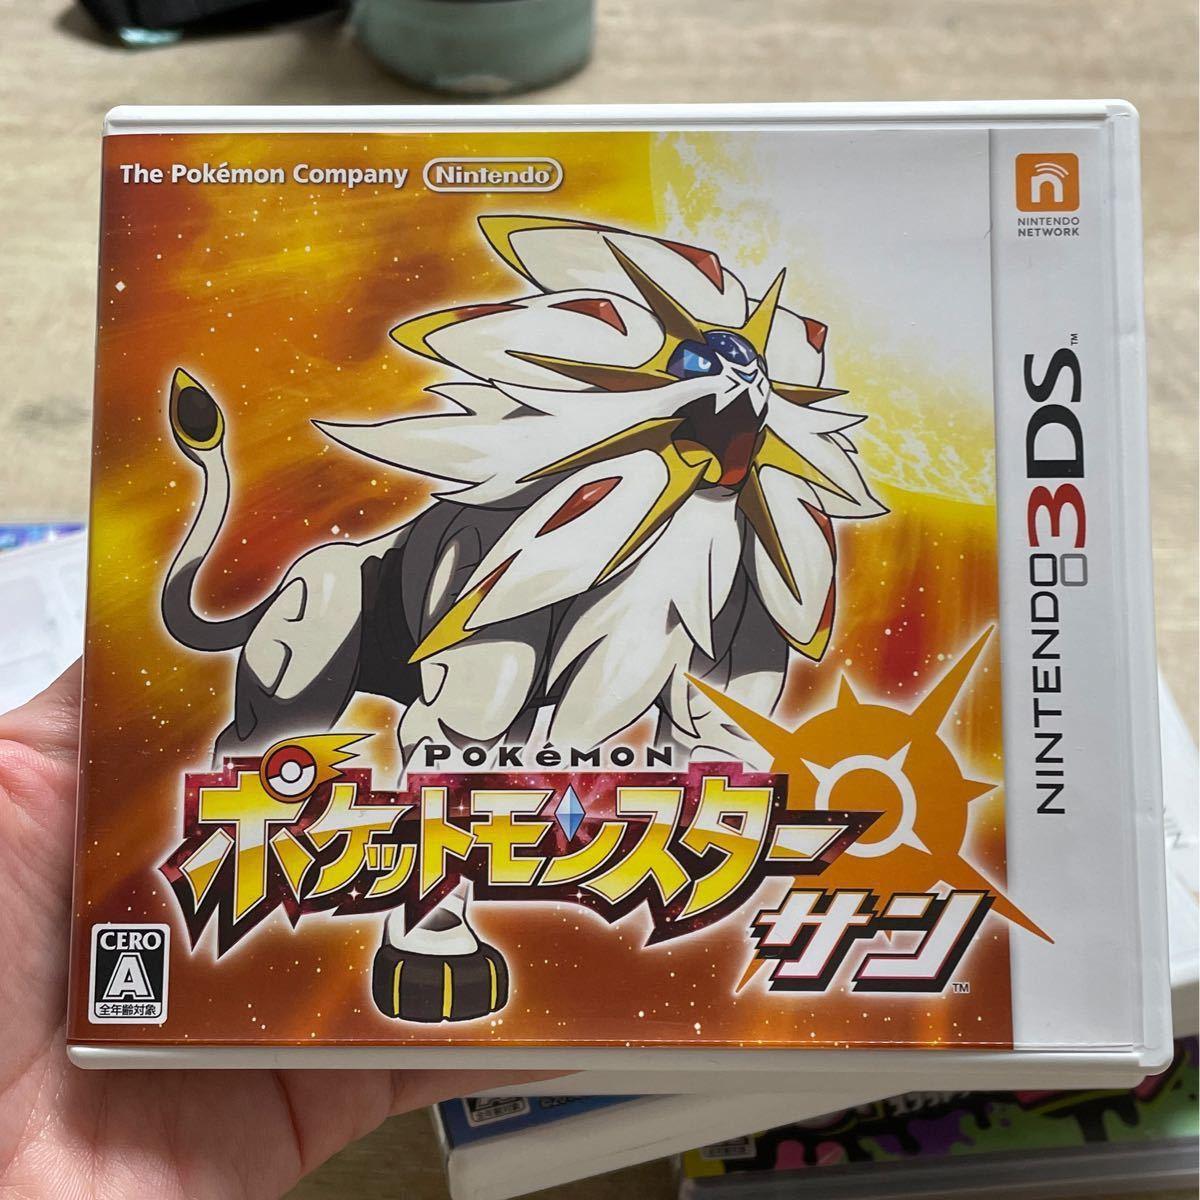 3DS ポケットモンスターサン ポケットモンスターウルトラサン ポケモン ニンテンドー 3DSソフト USED品